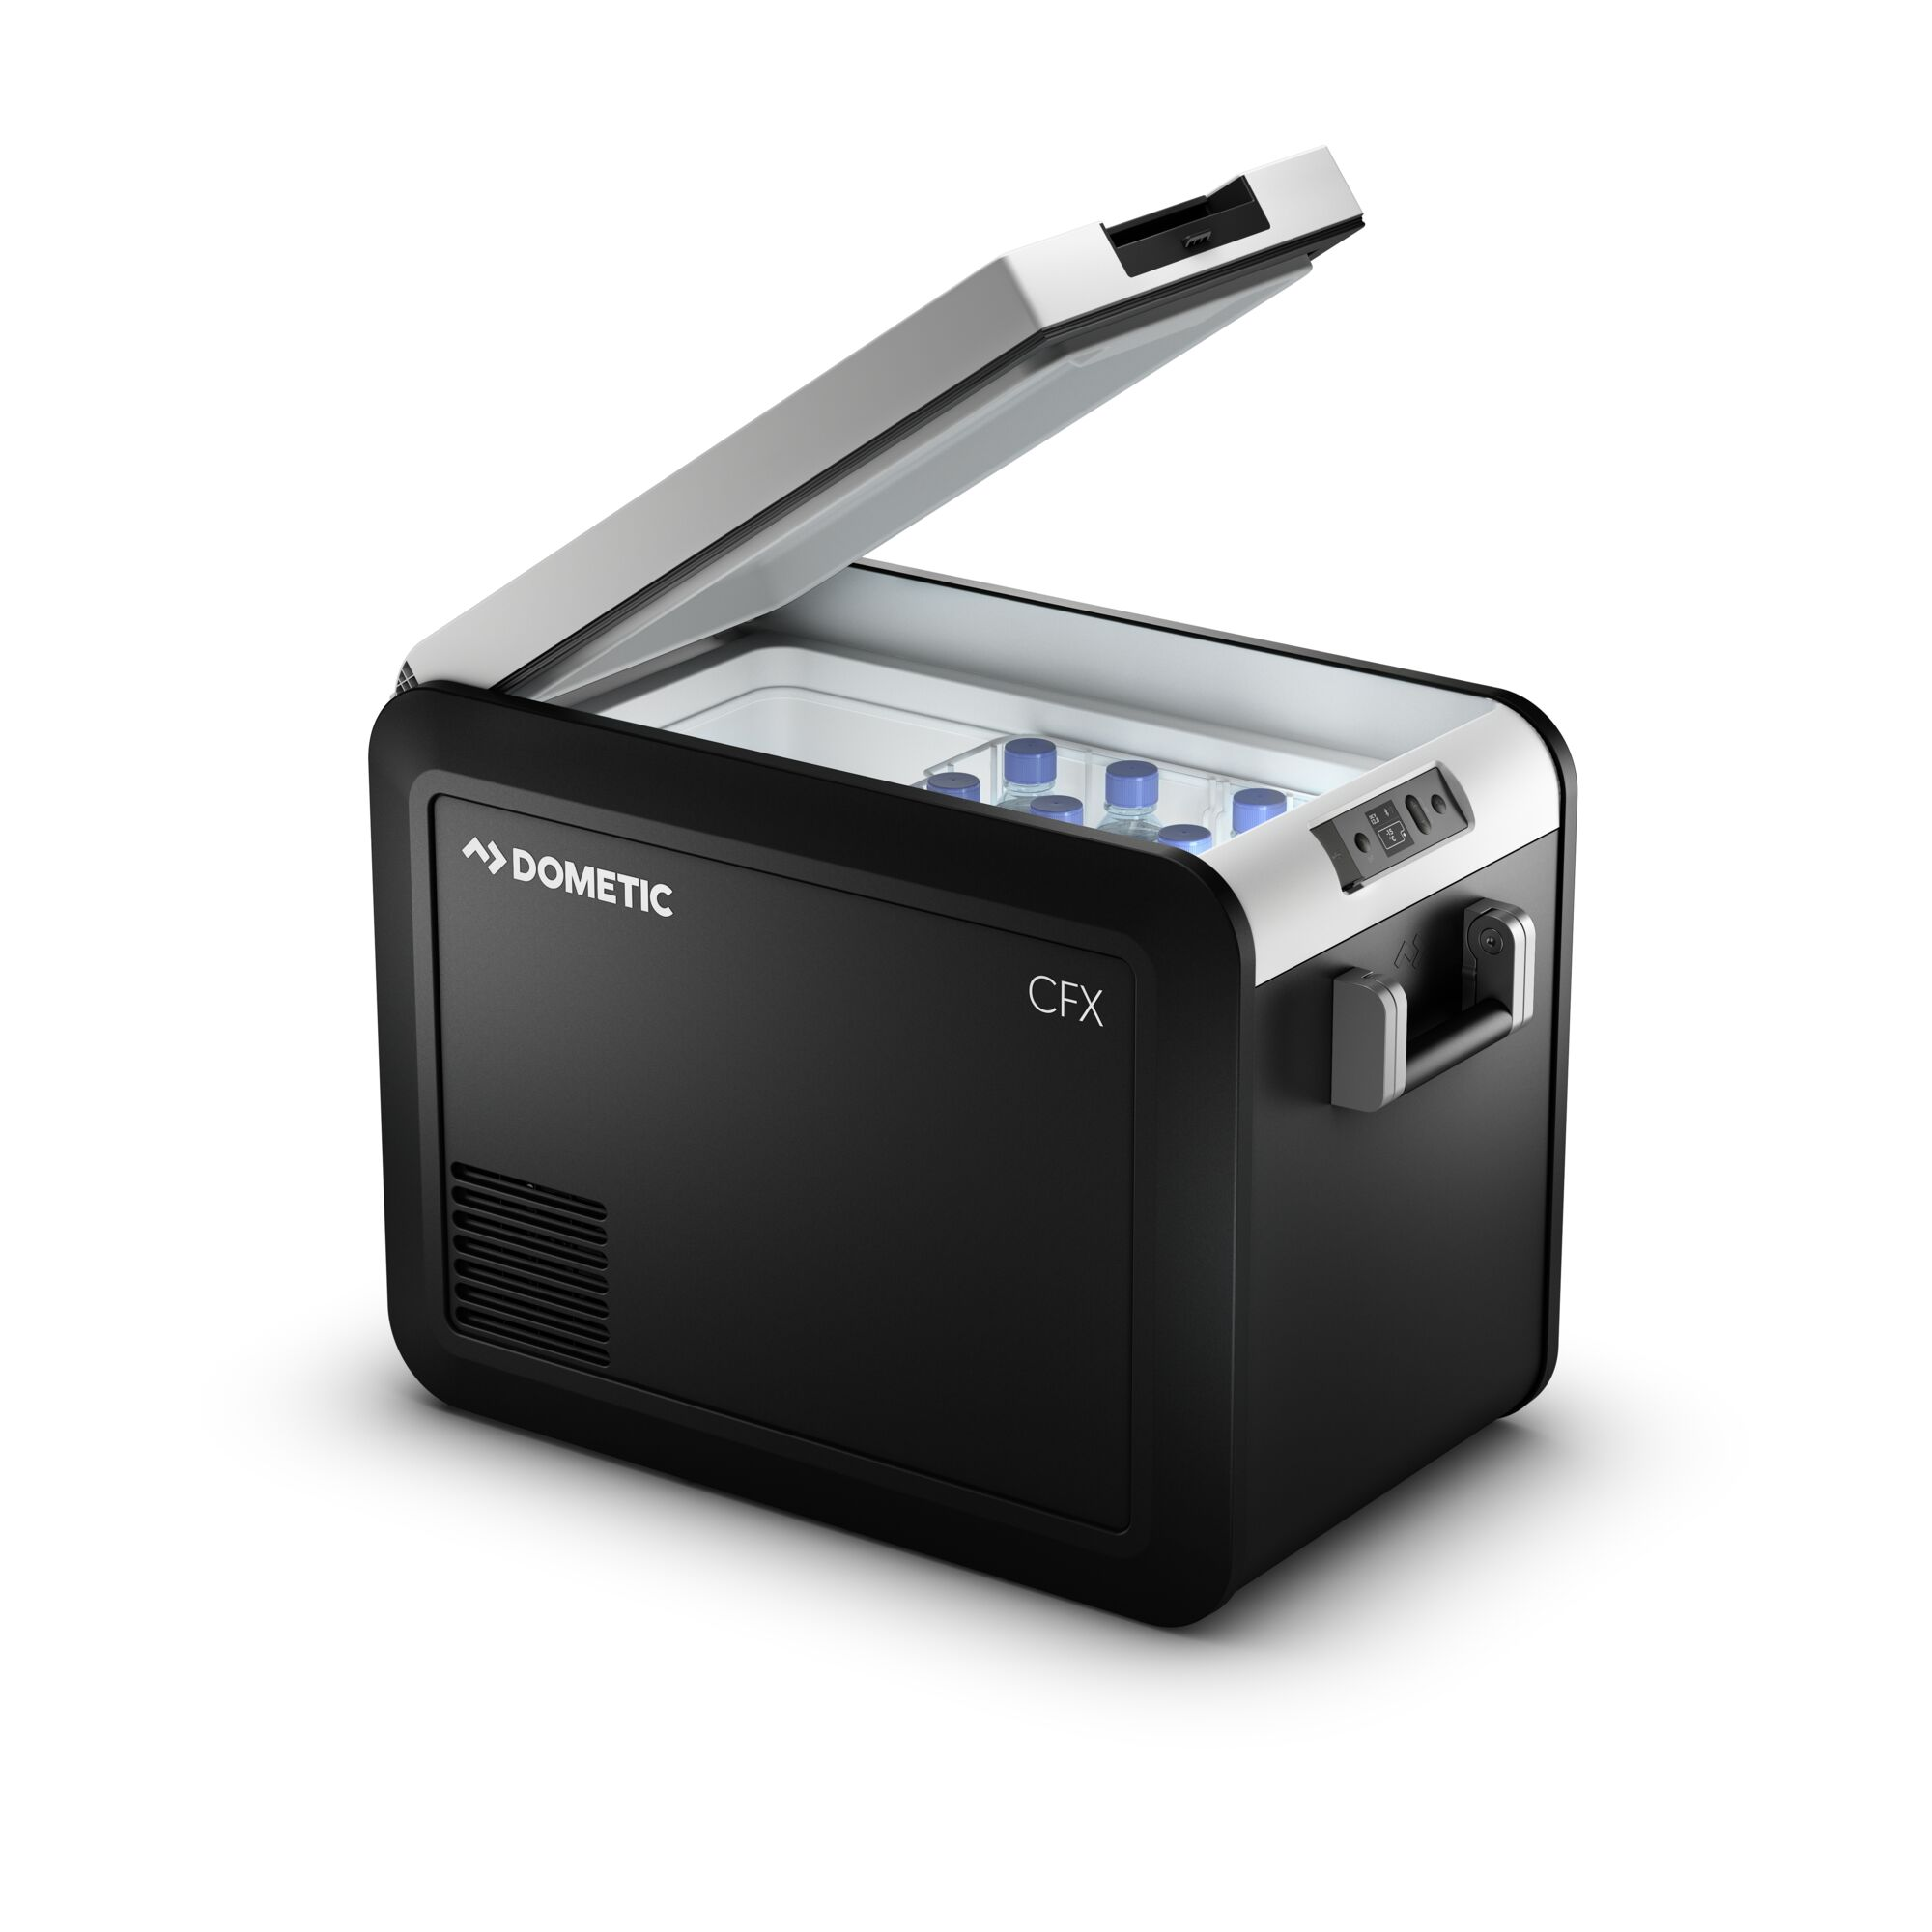 цена на Автохолодильник компрессорный Dometic CFX3 45 (+ Аккумулятор холода в подарок!)